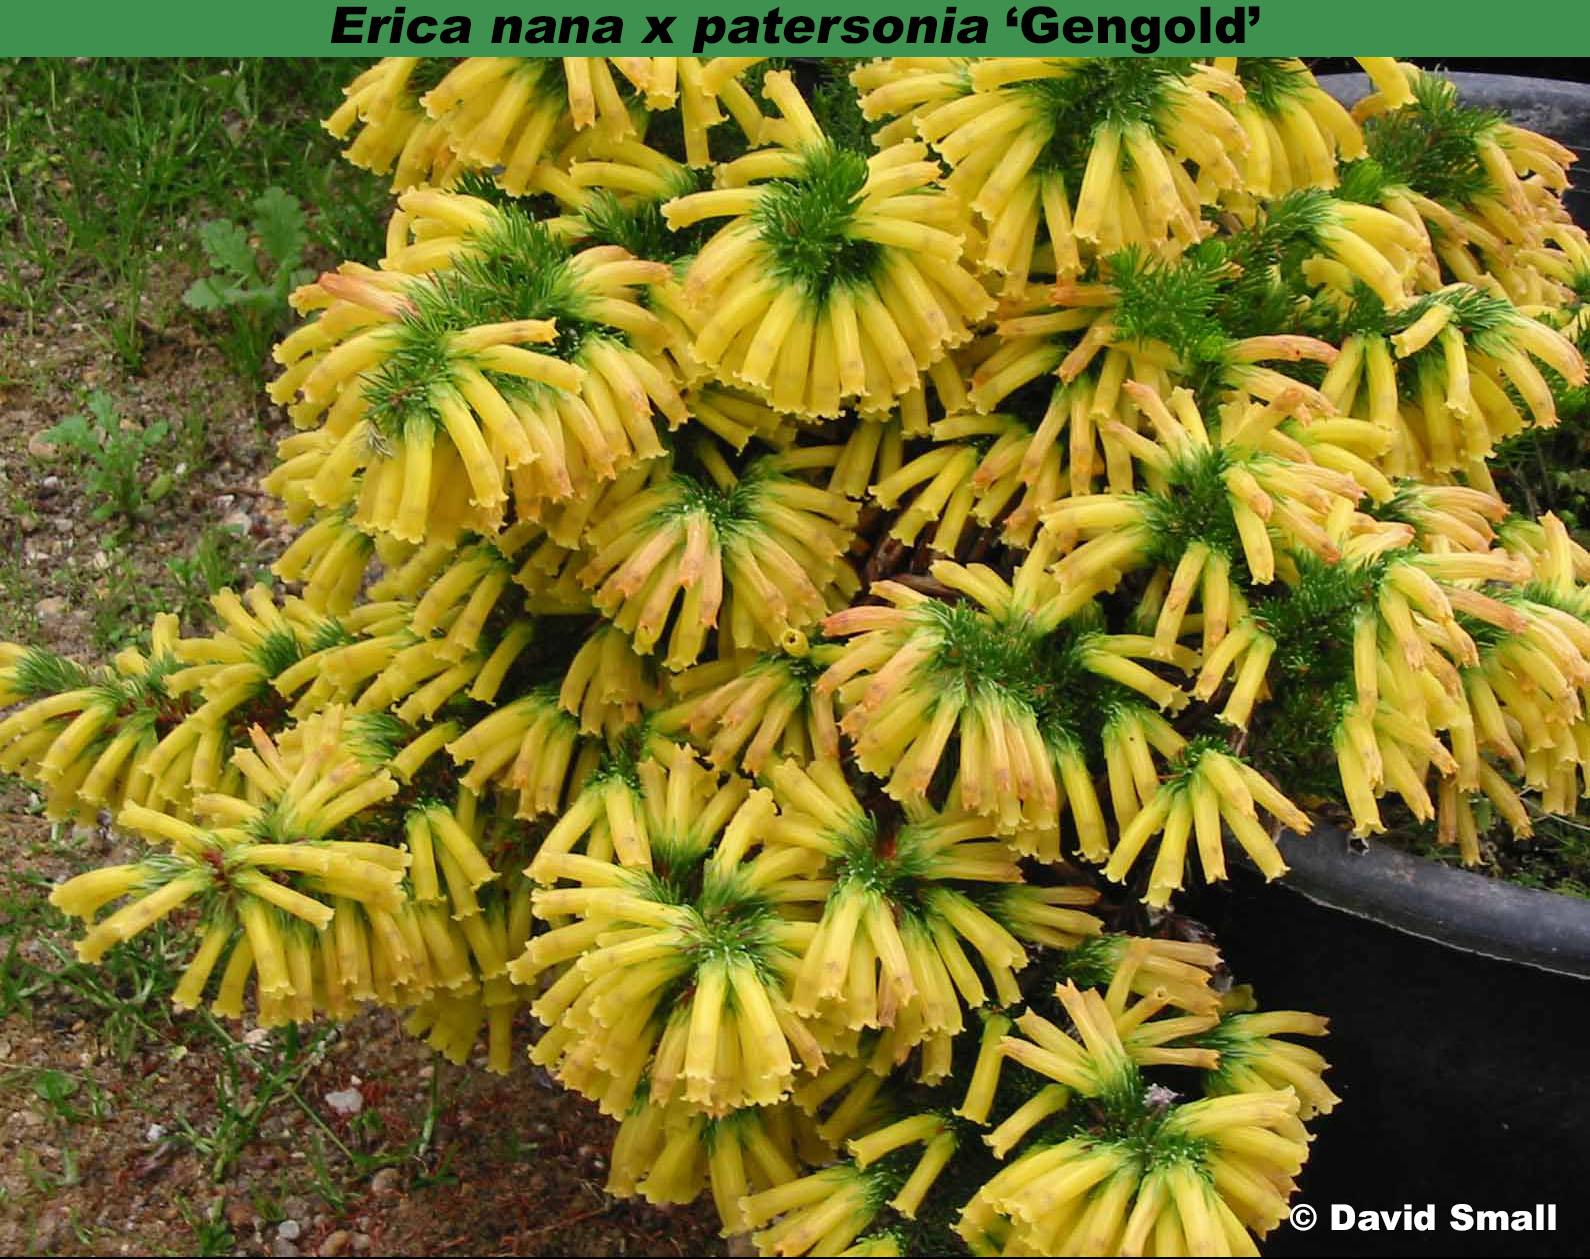 'Gengold' (=Erica nana x patersonia)